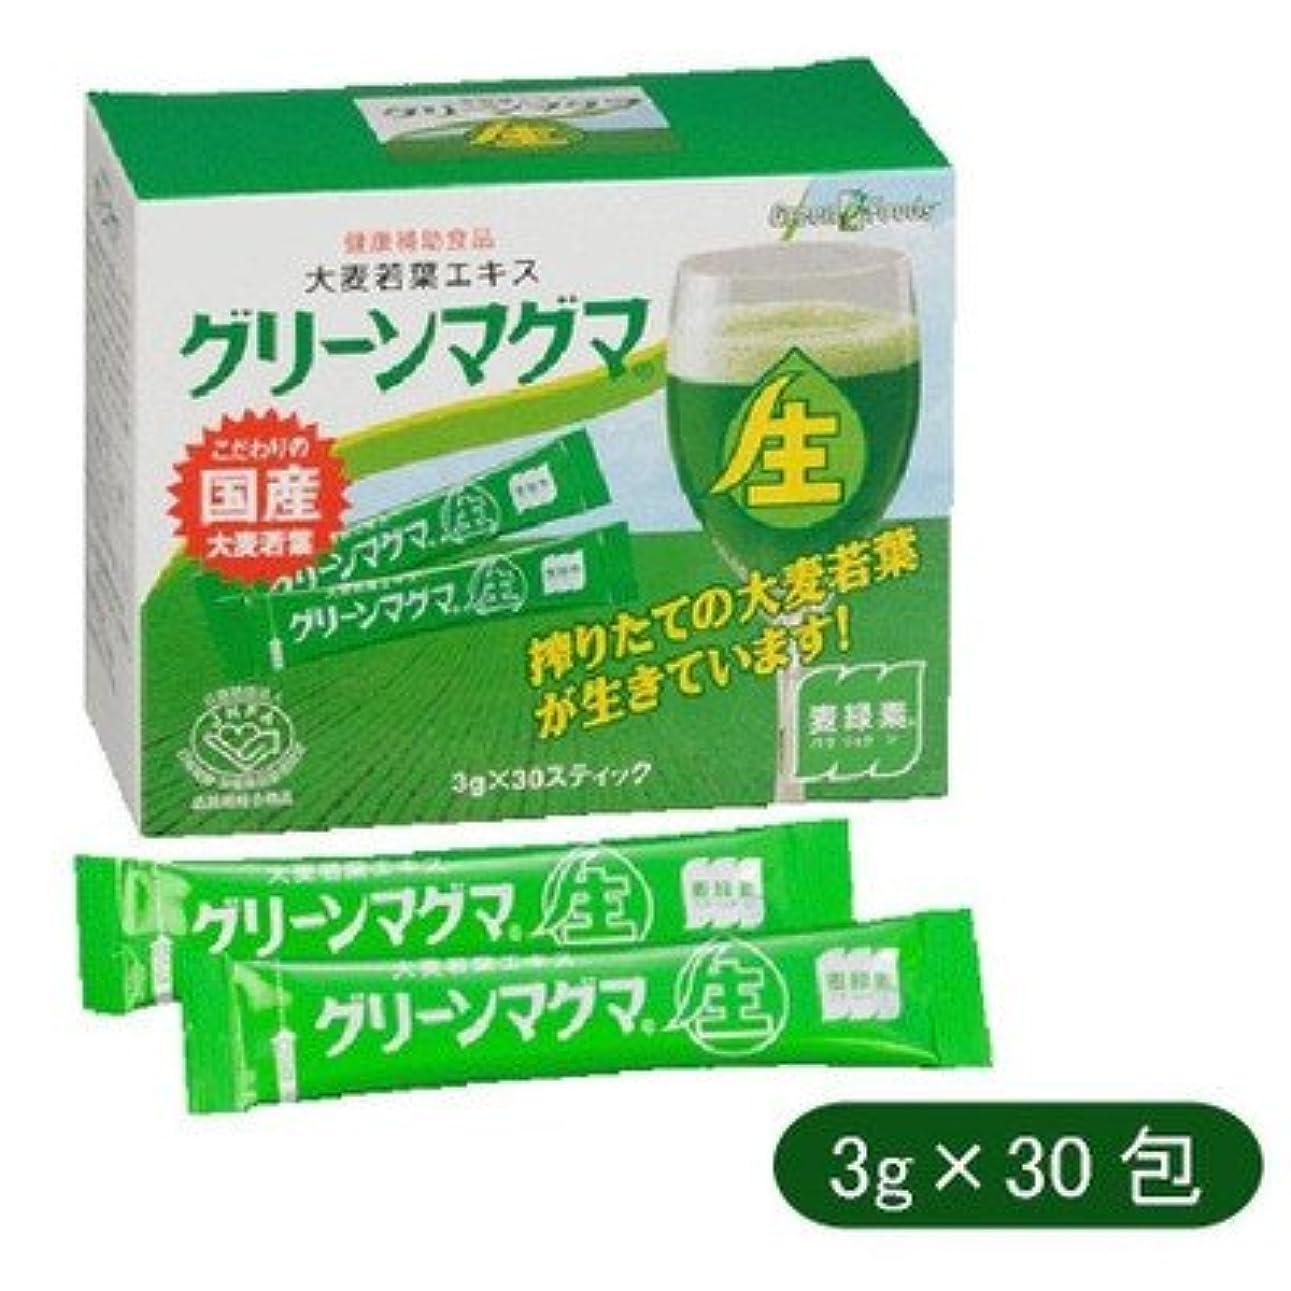 好奇心鷲パット日本薬品開発 大麦若葉エキス グリーンマグマ 3g×30包 642670